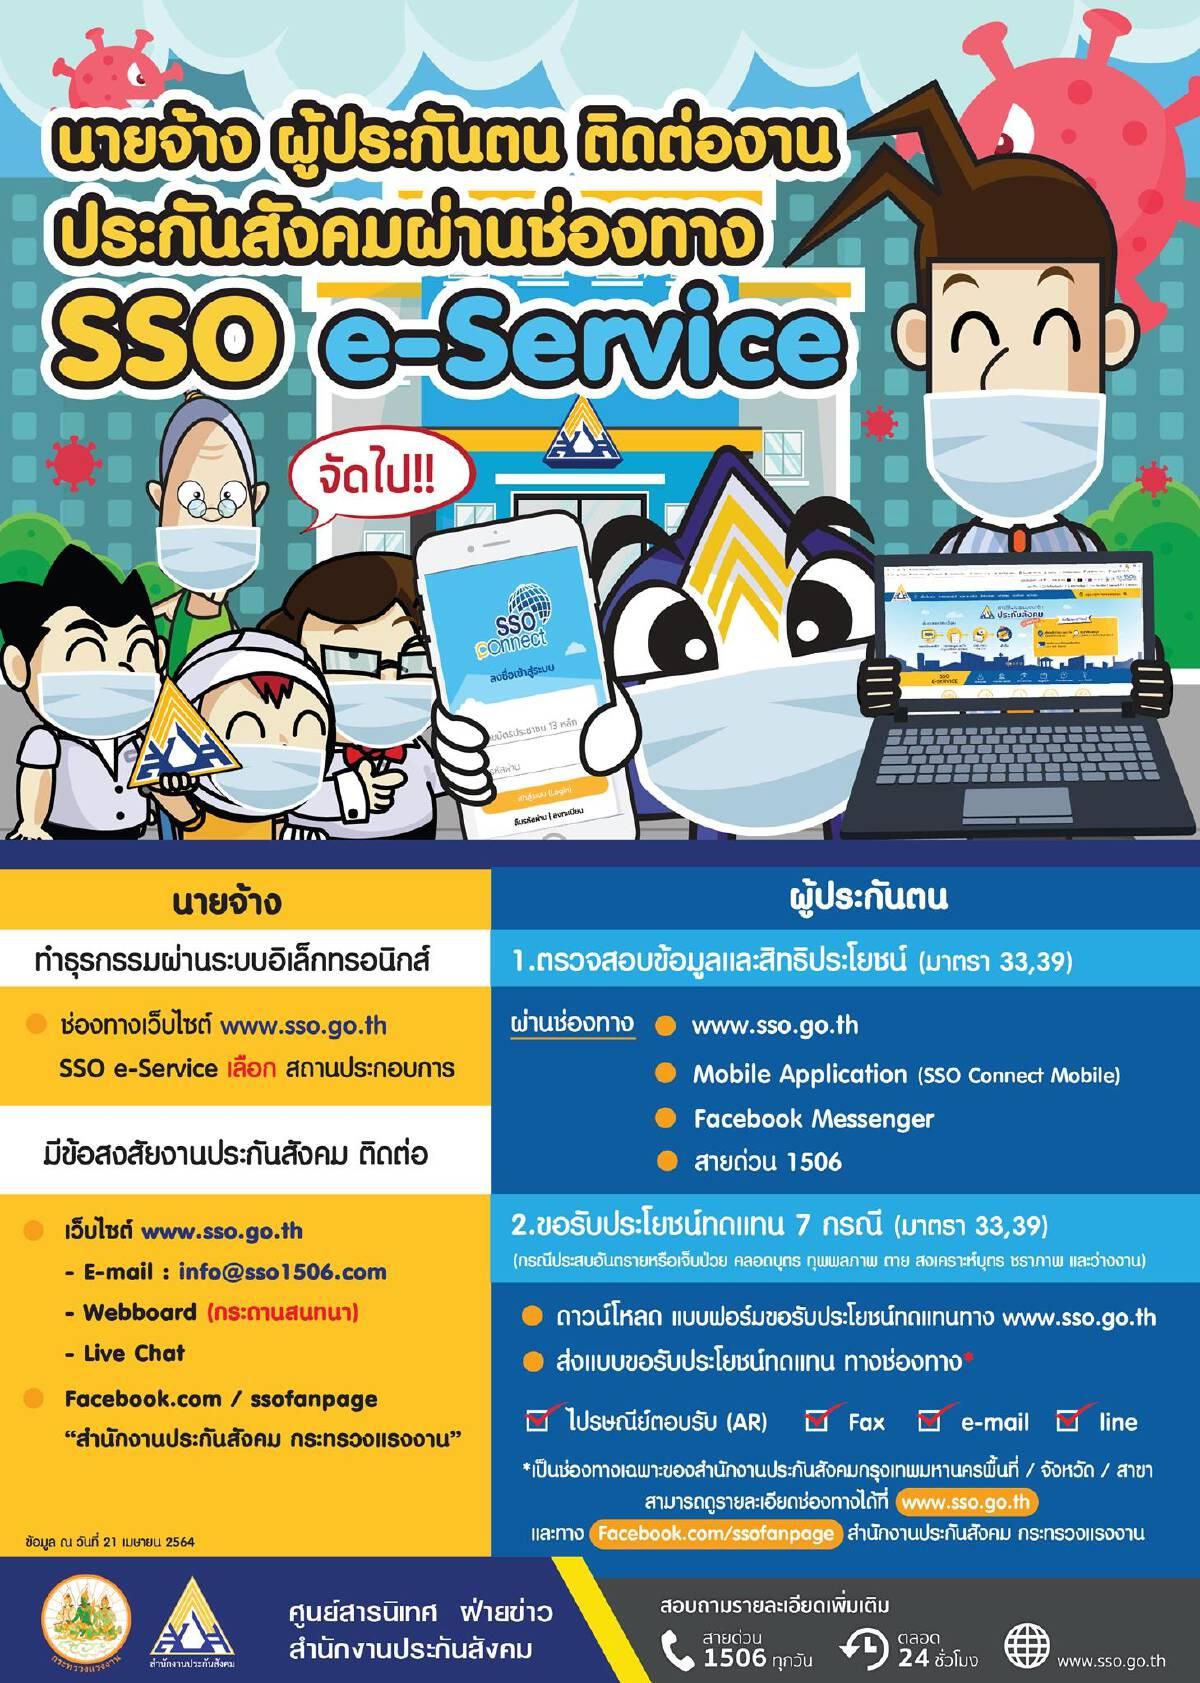 ประกันสังคม ขอความร่วมมือนายจ้าง-ผู้ประกันตน ติดต่อผ่าน SSO e-Service